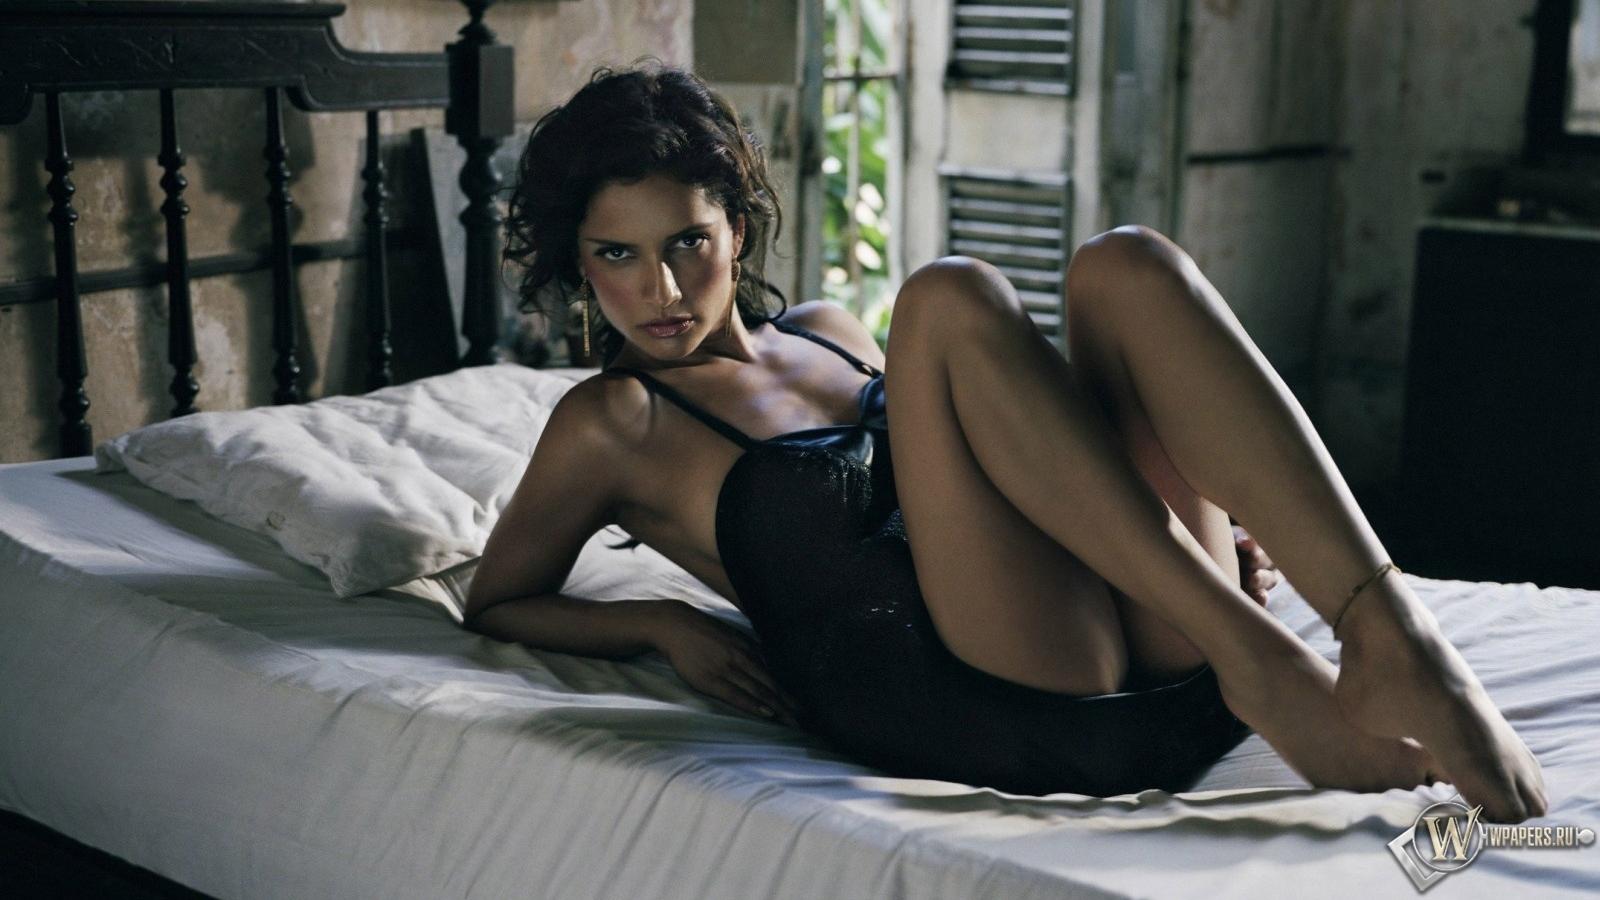 Русские женщины в спальне 27 фотография